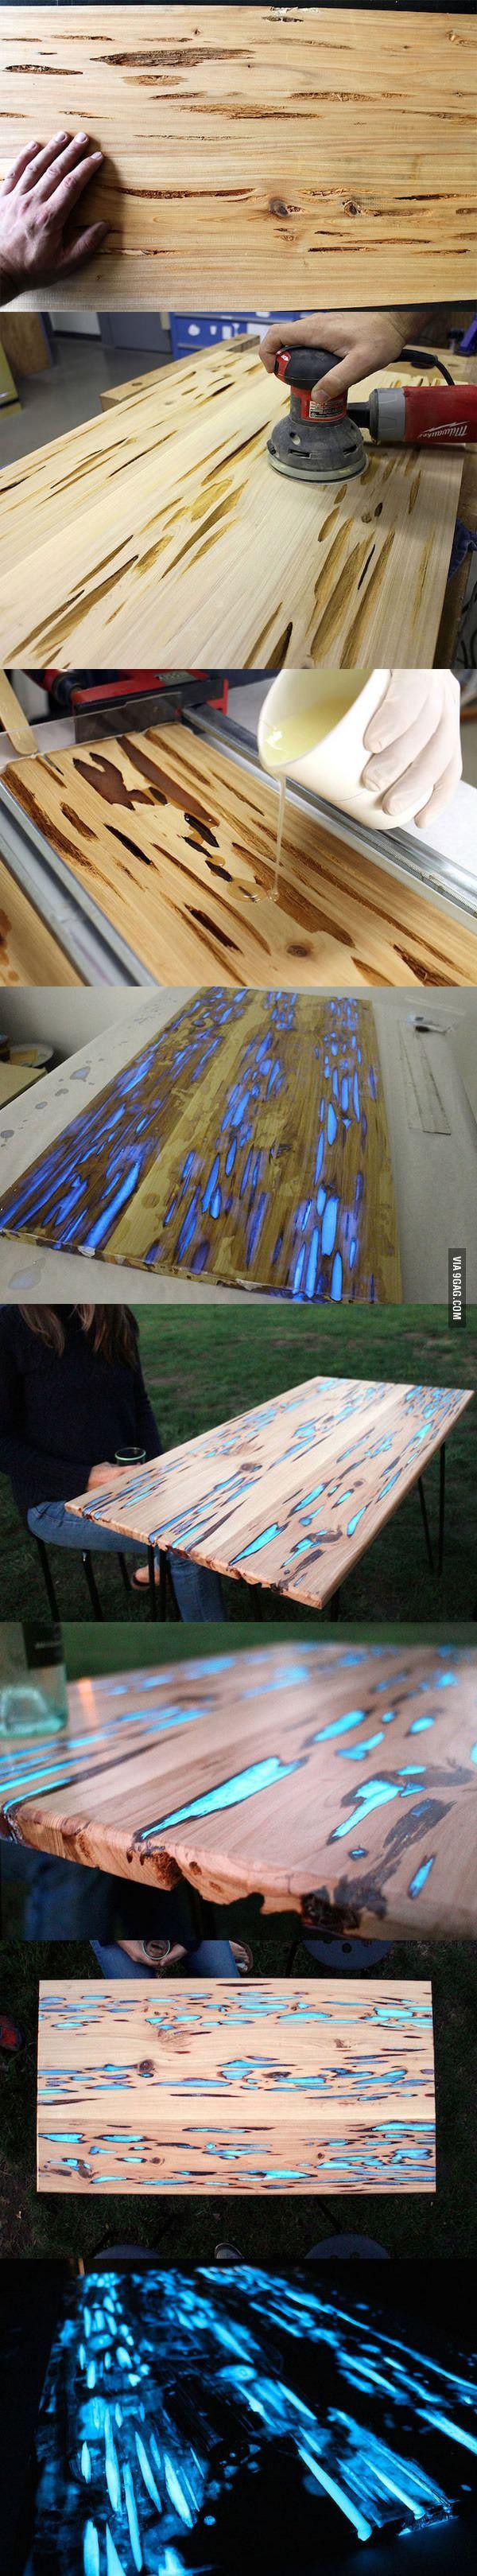 Algunas texturas para dar estilo a tus trabajos en madera.  Construye tus proyectos con nuestros herrajes y Abrasivos https://www.igraherrajes.com/